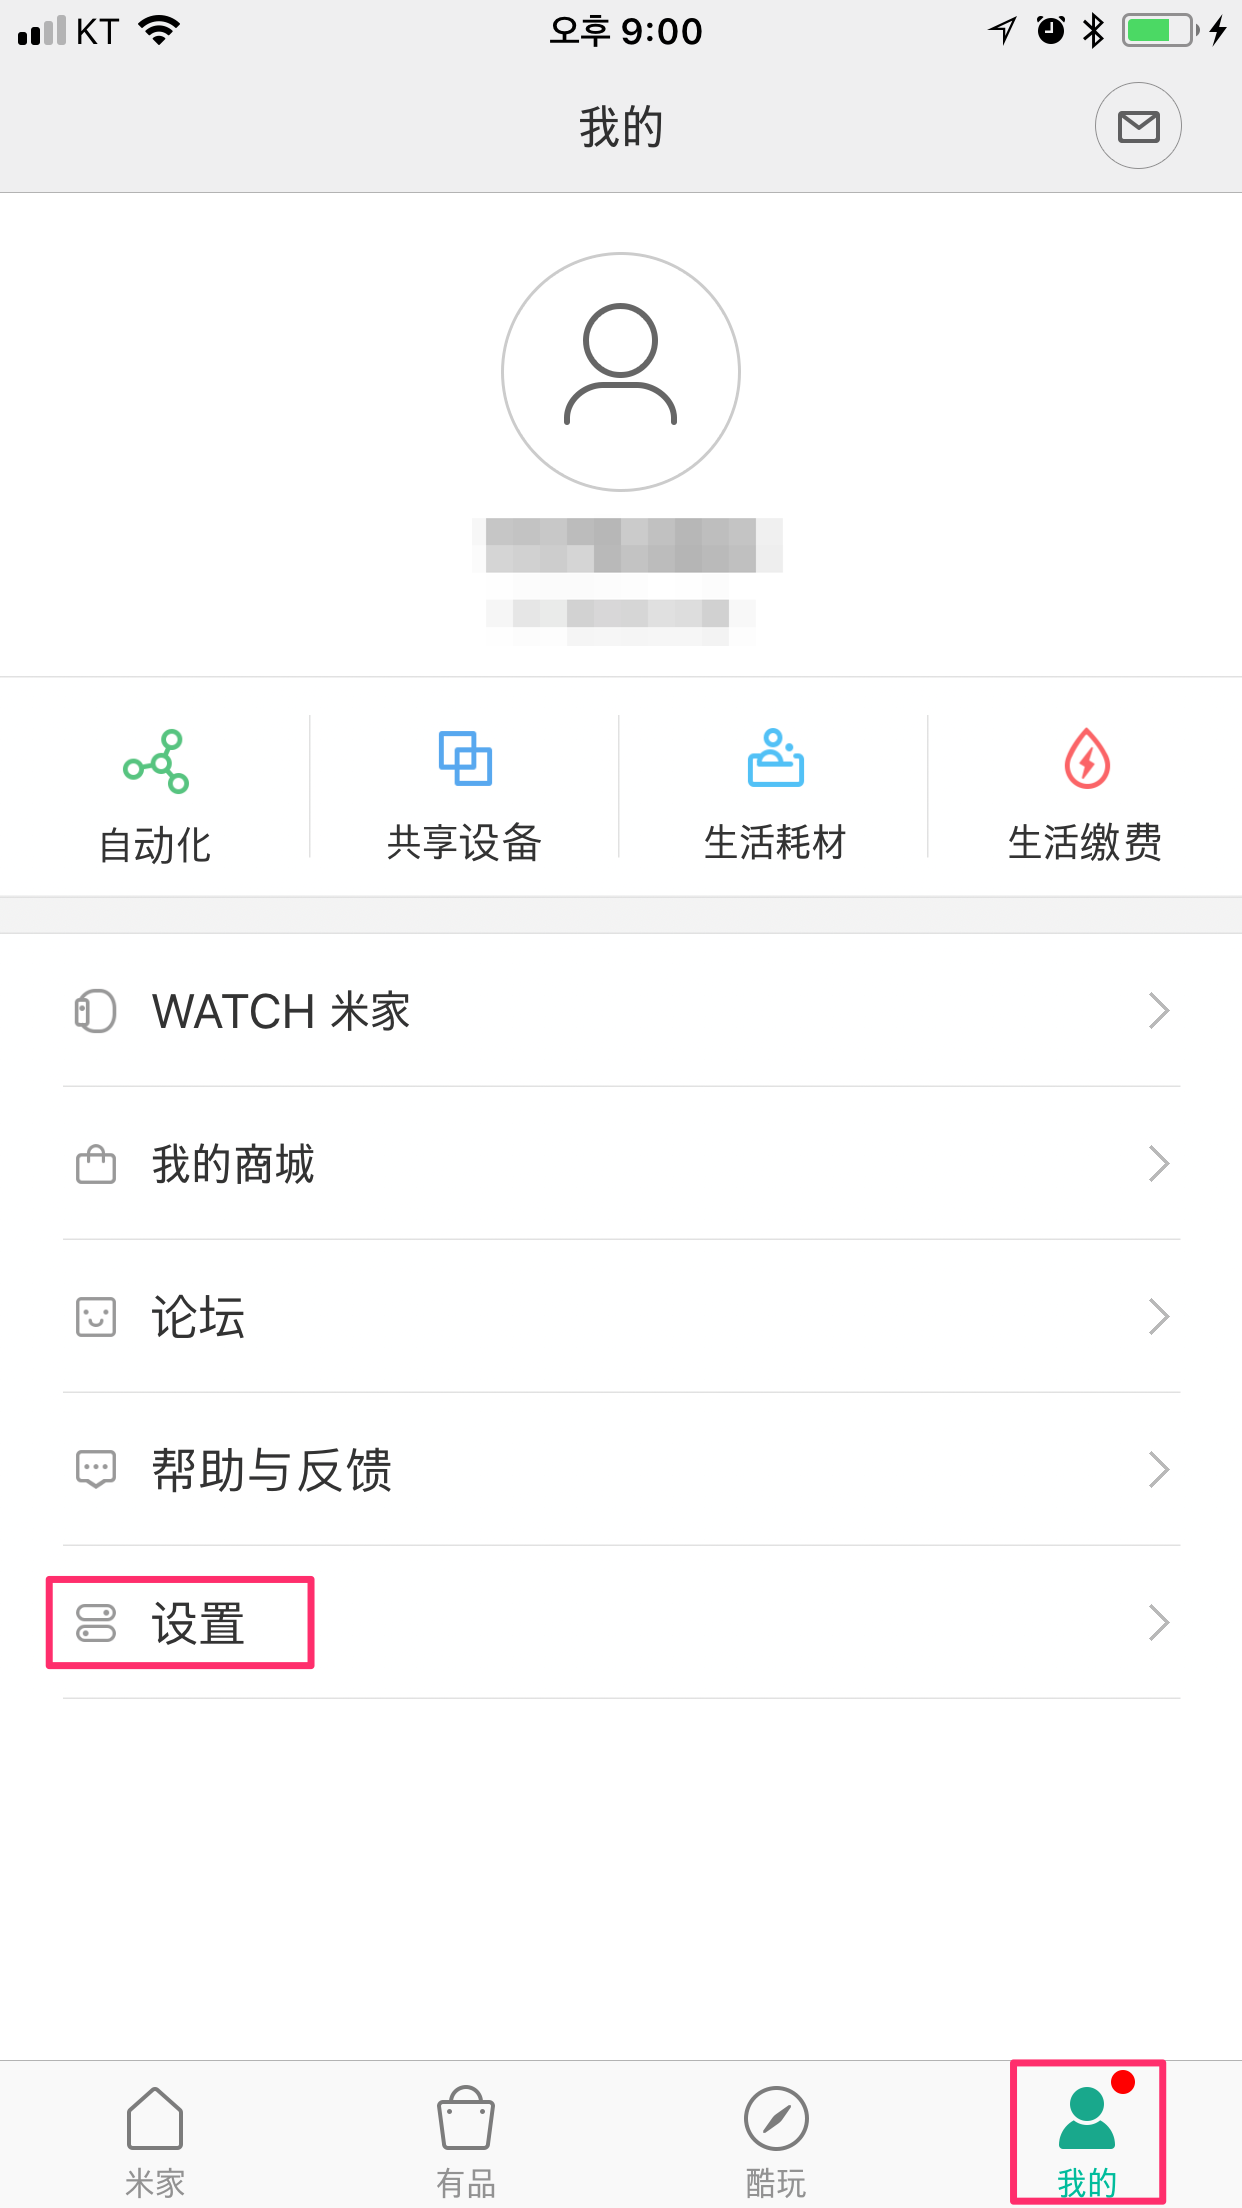 샤오미 로봇 청소기 米家 (MiHome) 앱 세팅 방법